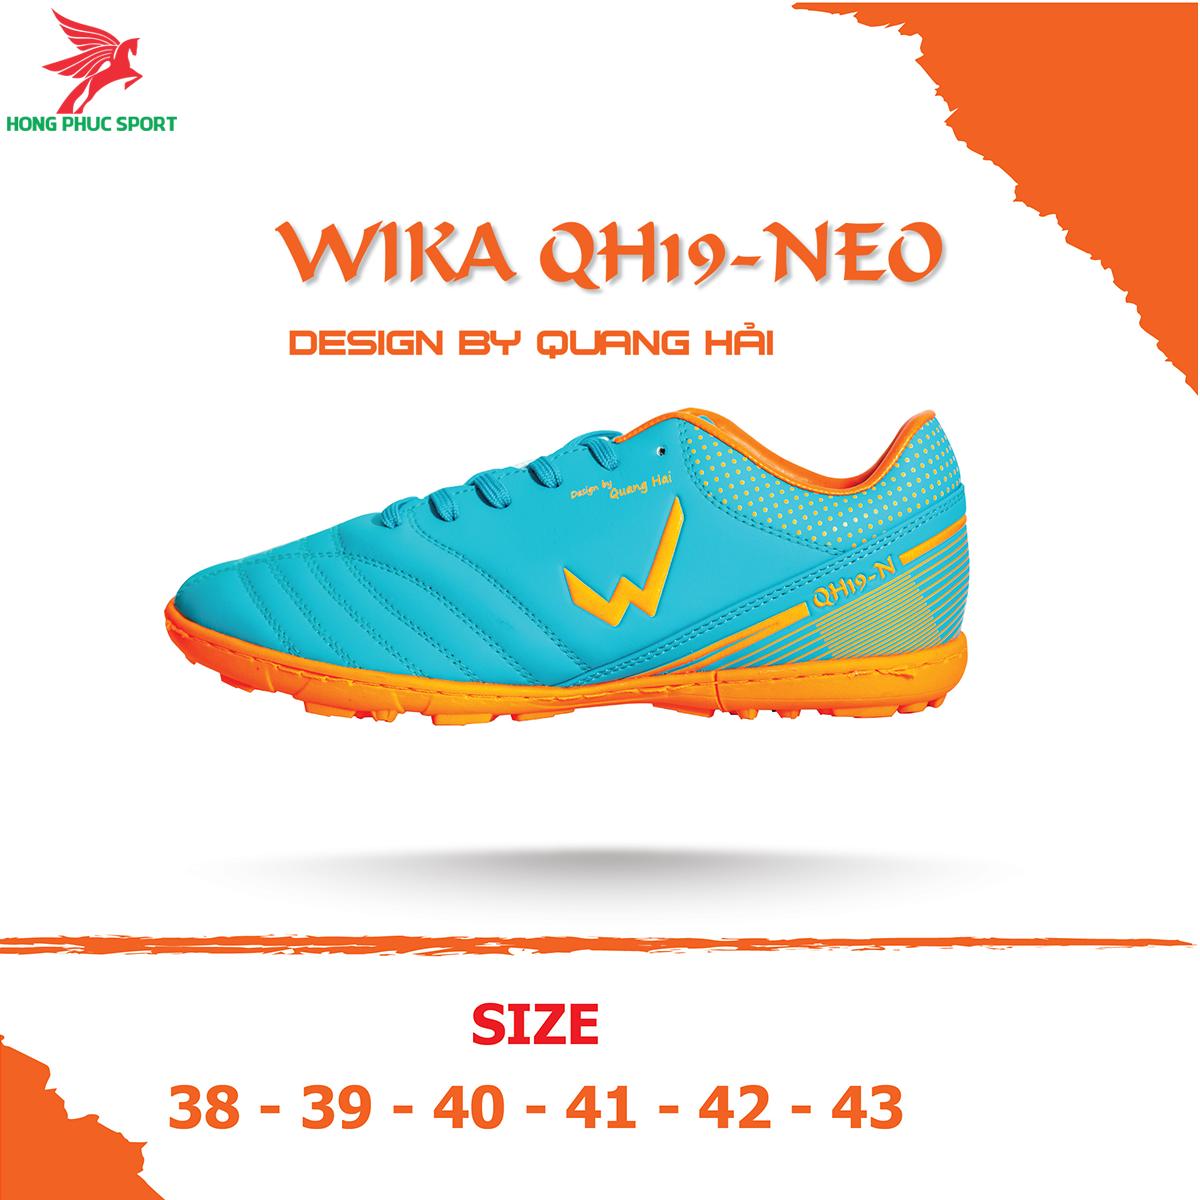 Giày đá banh Wika QH19 Neo sân cỏ nhân tạo màu Xanh ngọc (2)